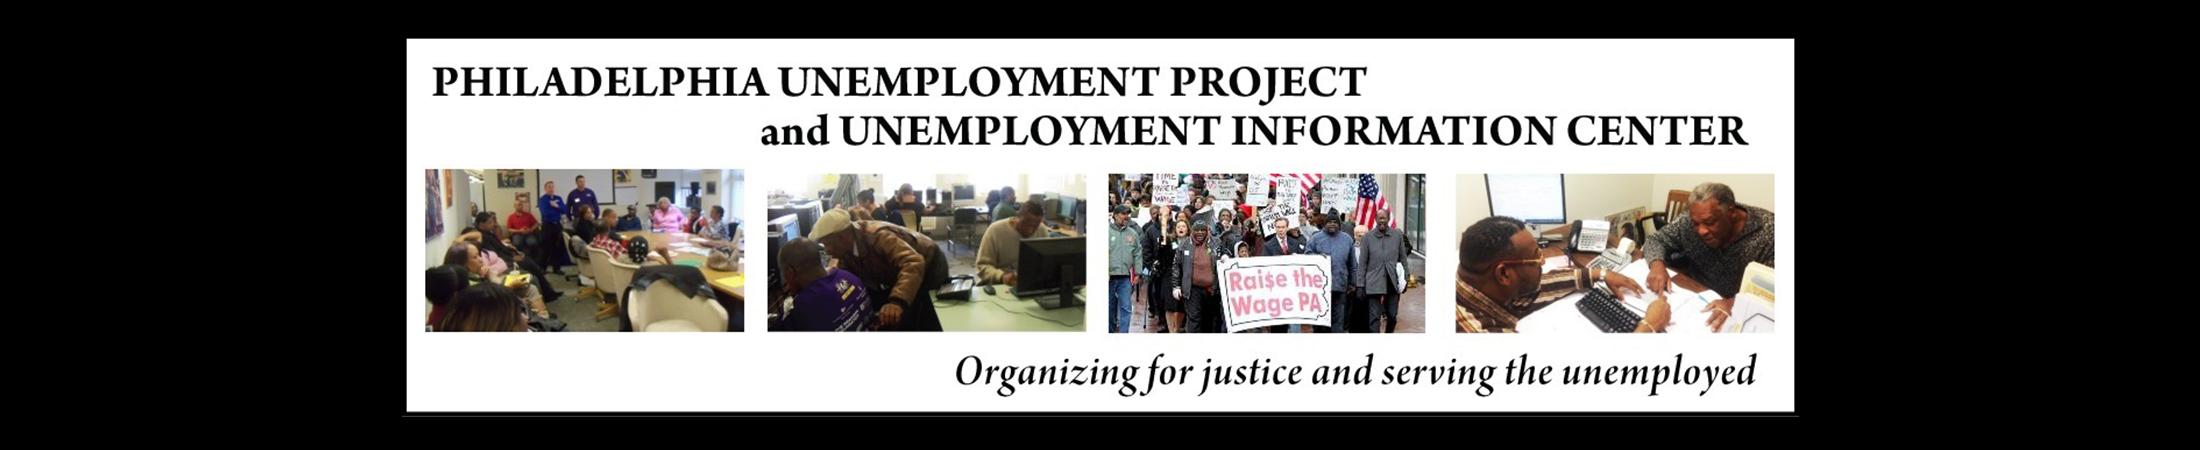 Philadelphia Unemployment Project